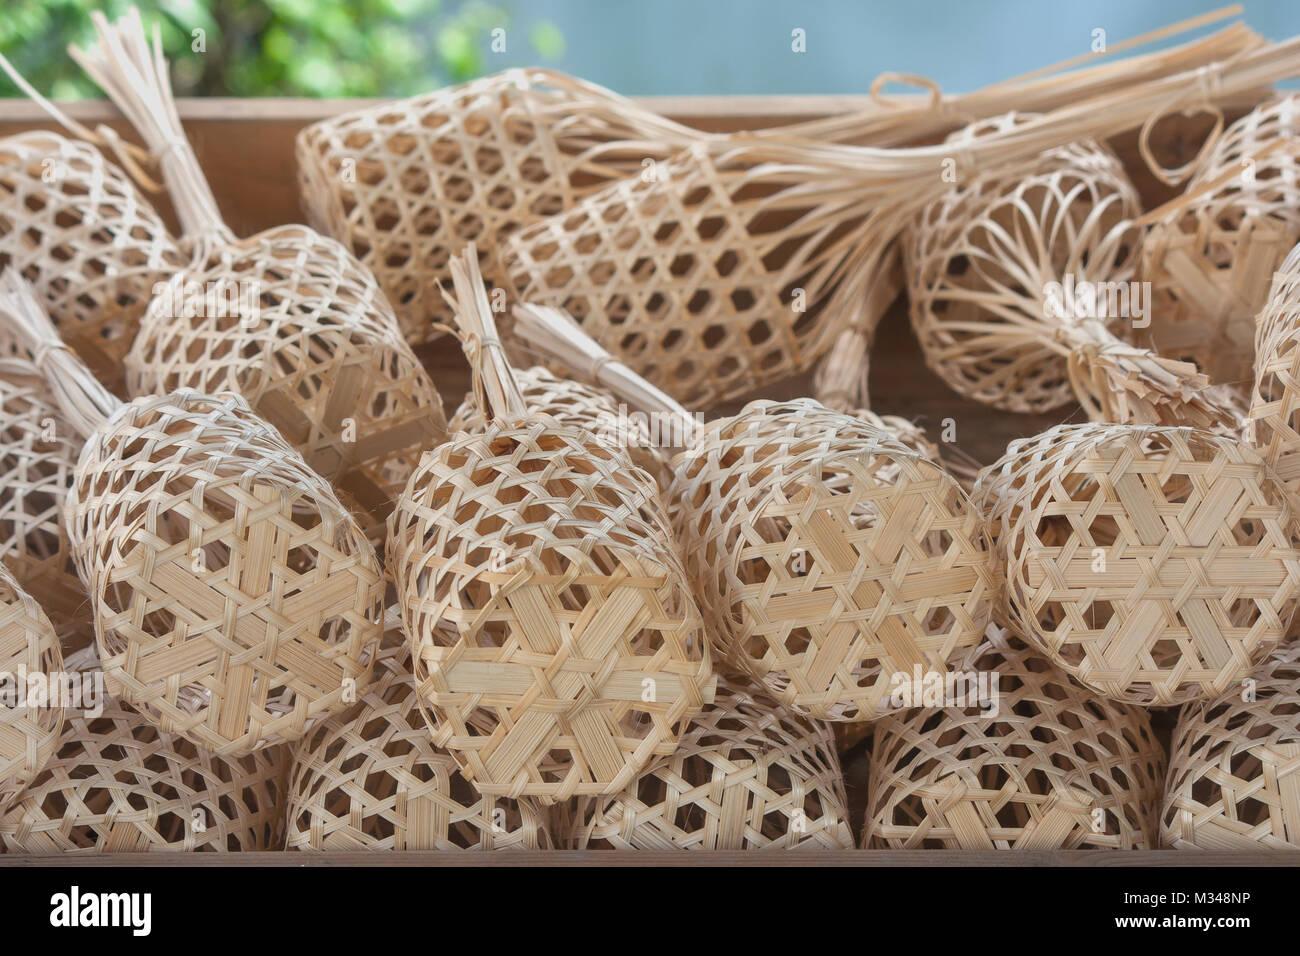 Close Up Stapel Oder Reihe Von Braun Rund Bambus Markt In Holz Fach